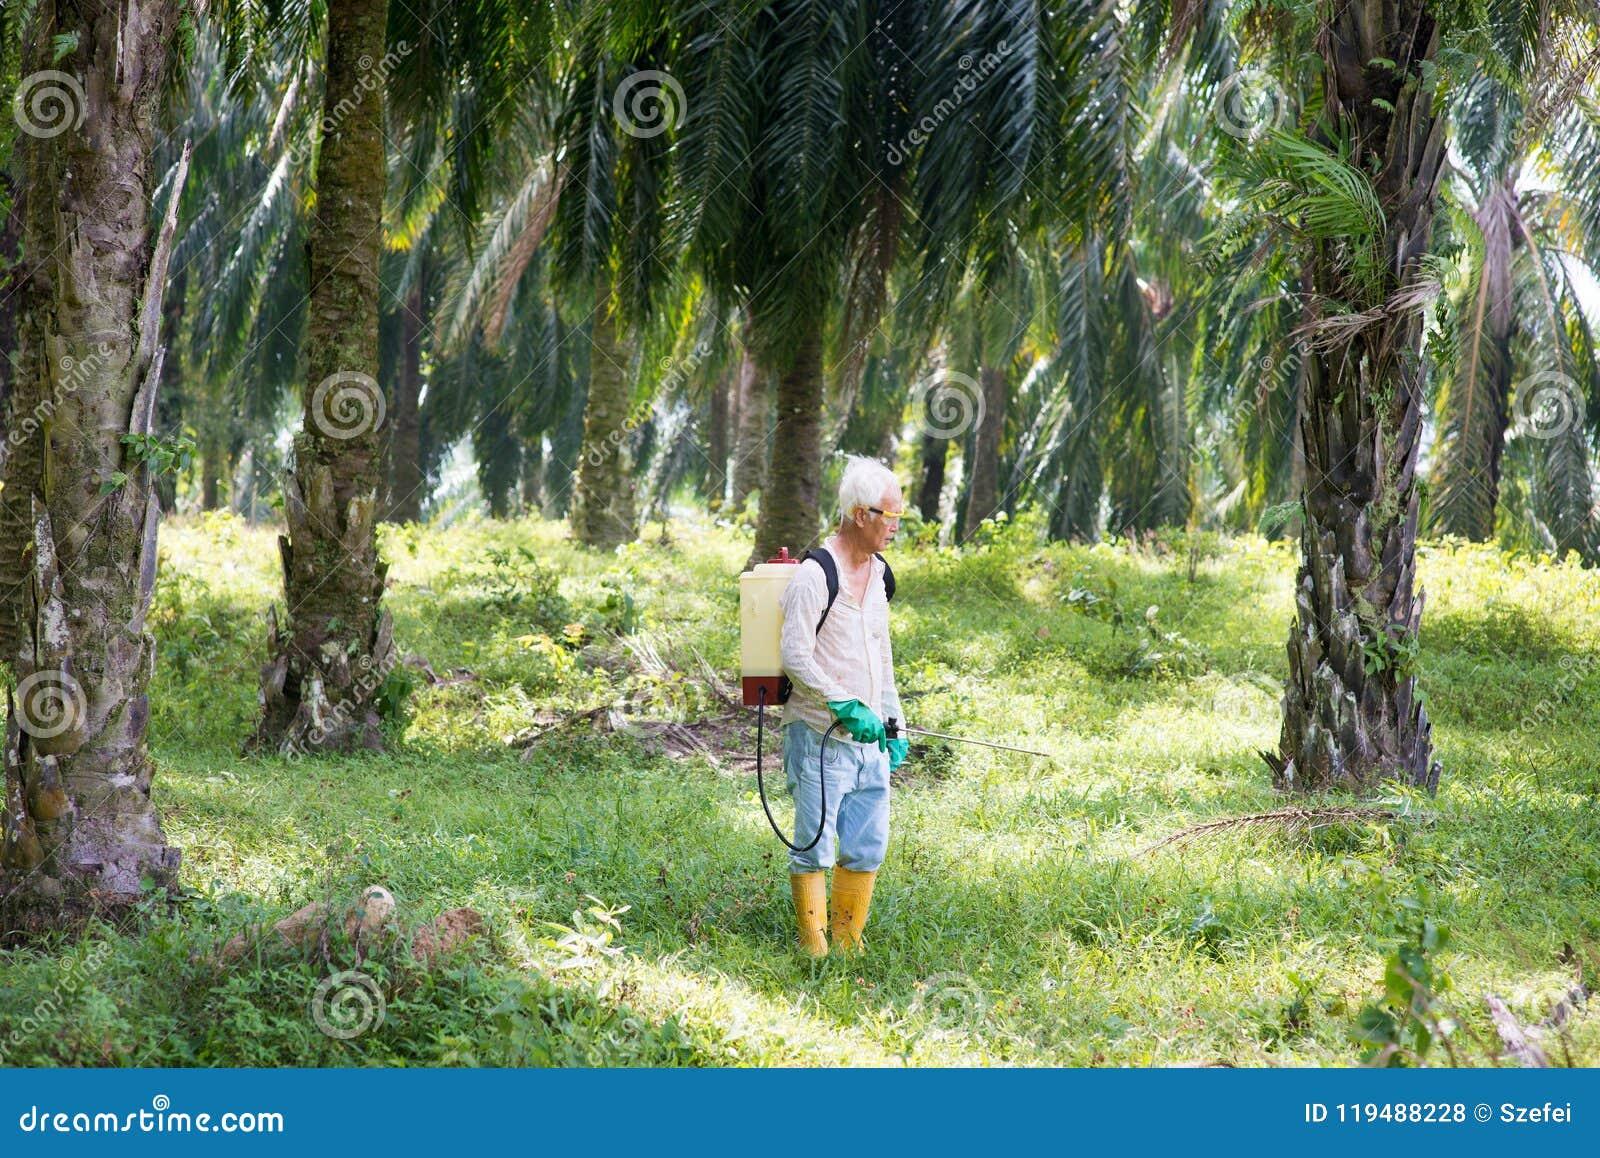 Распыляя гербициды на масличной пальме